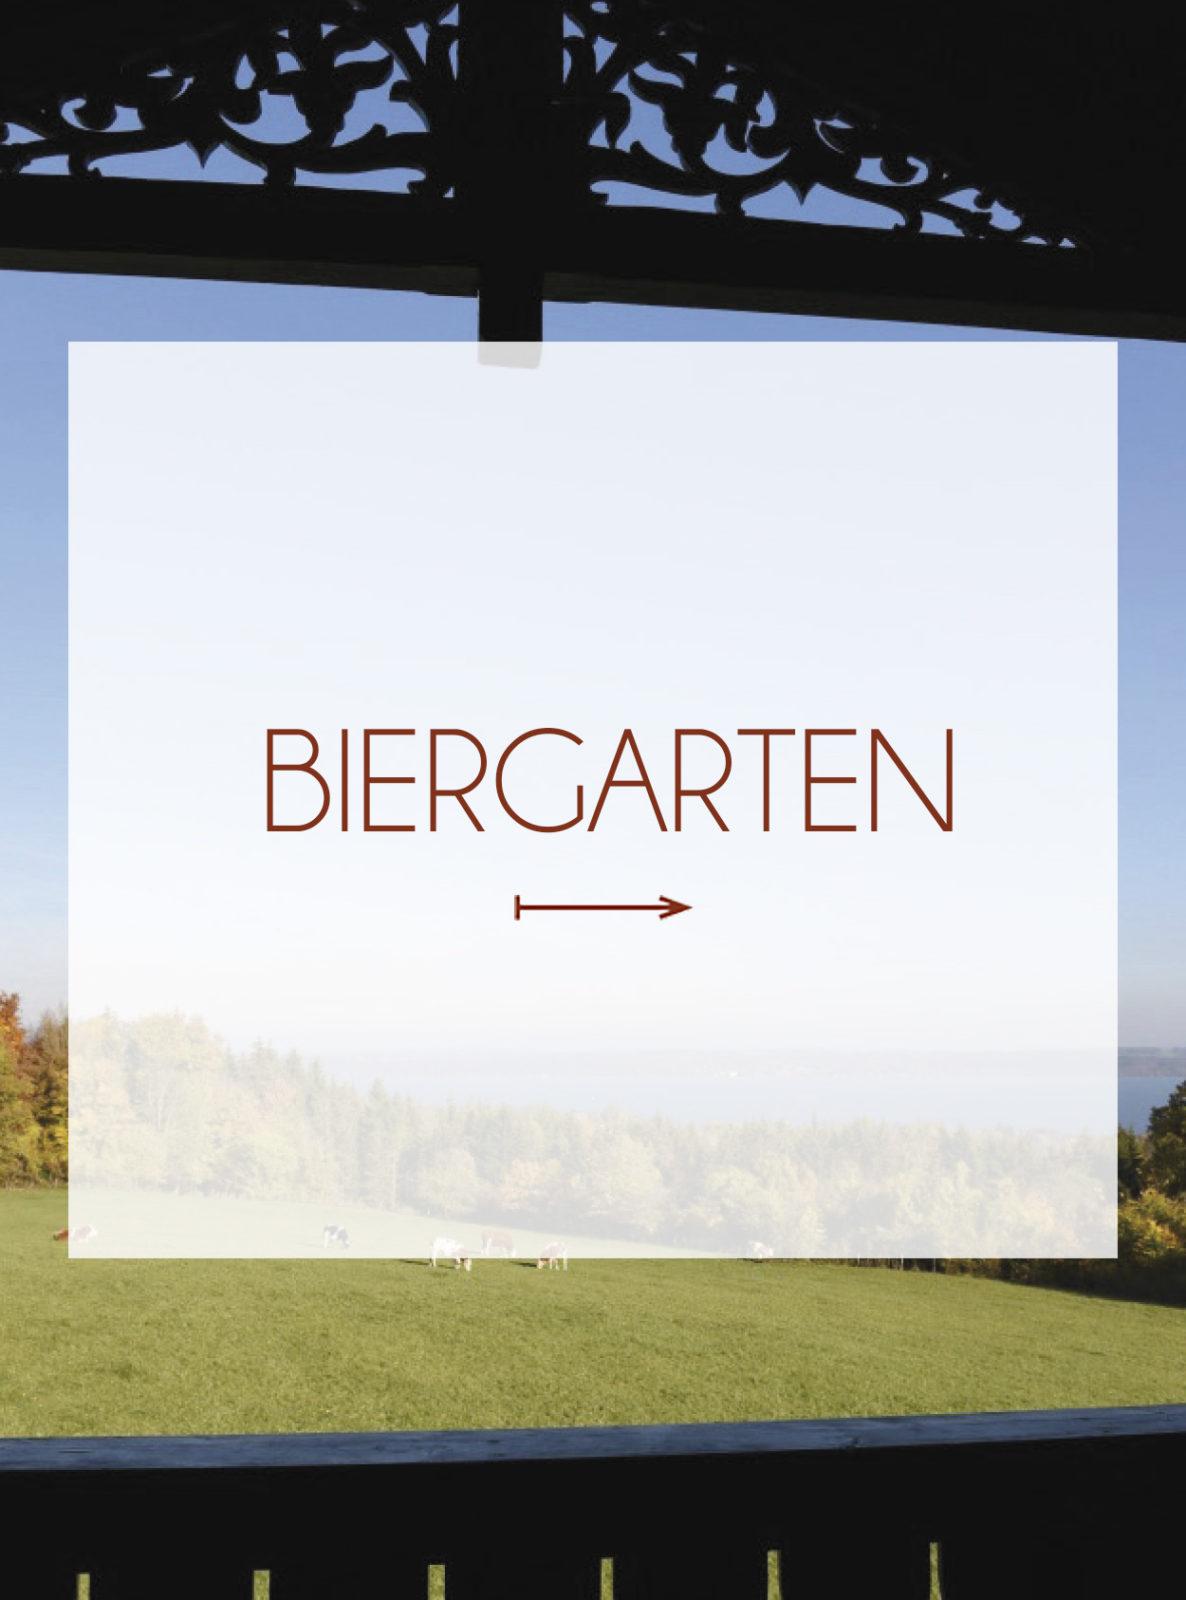 start-biergarten-hover-1